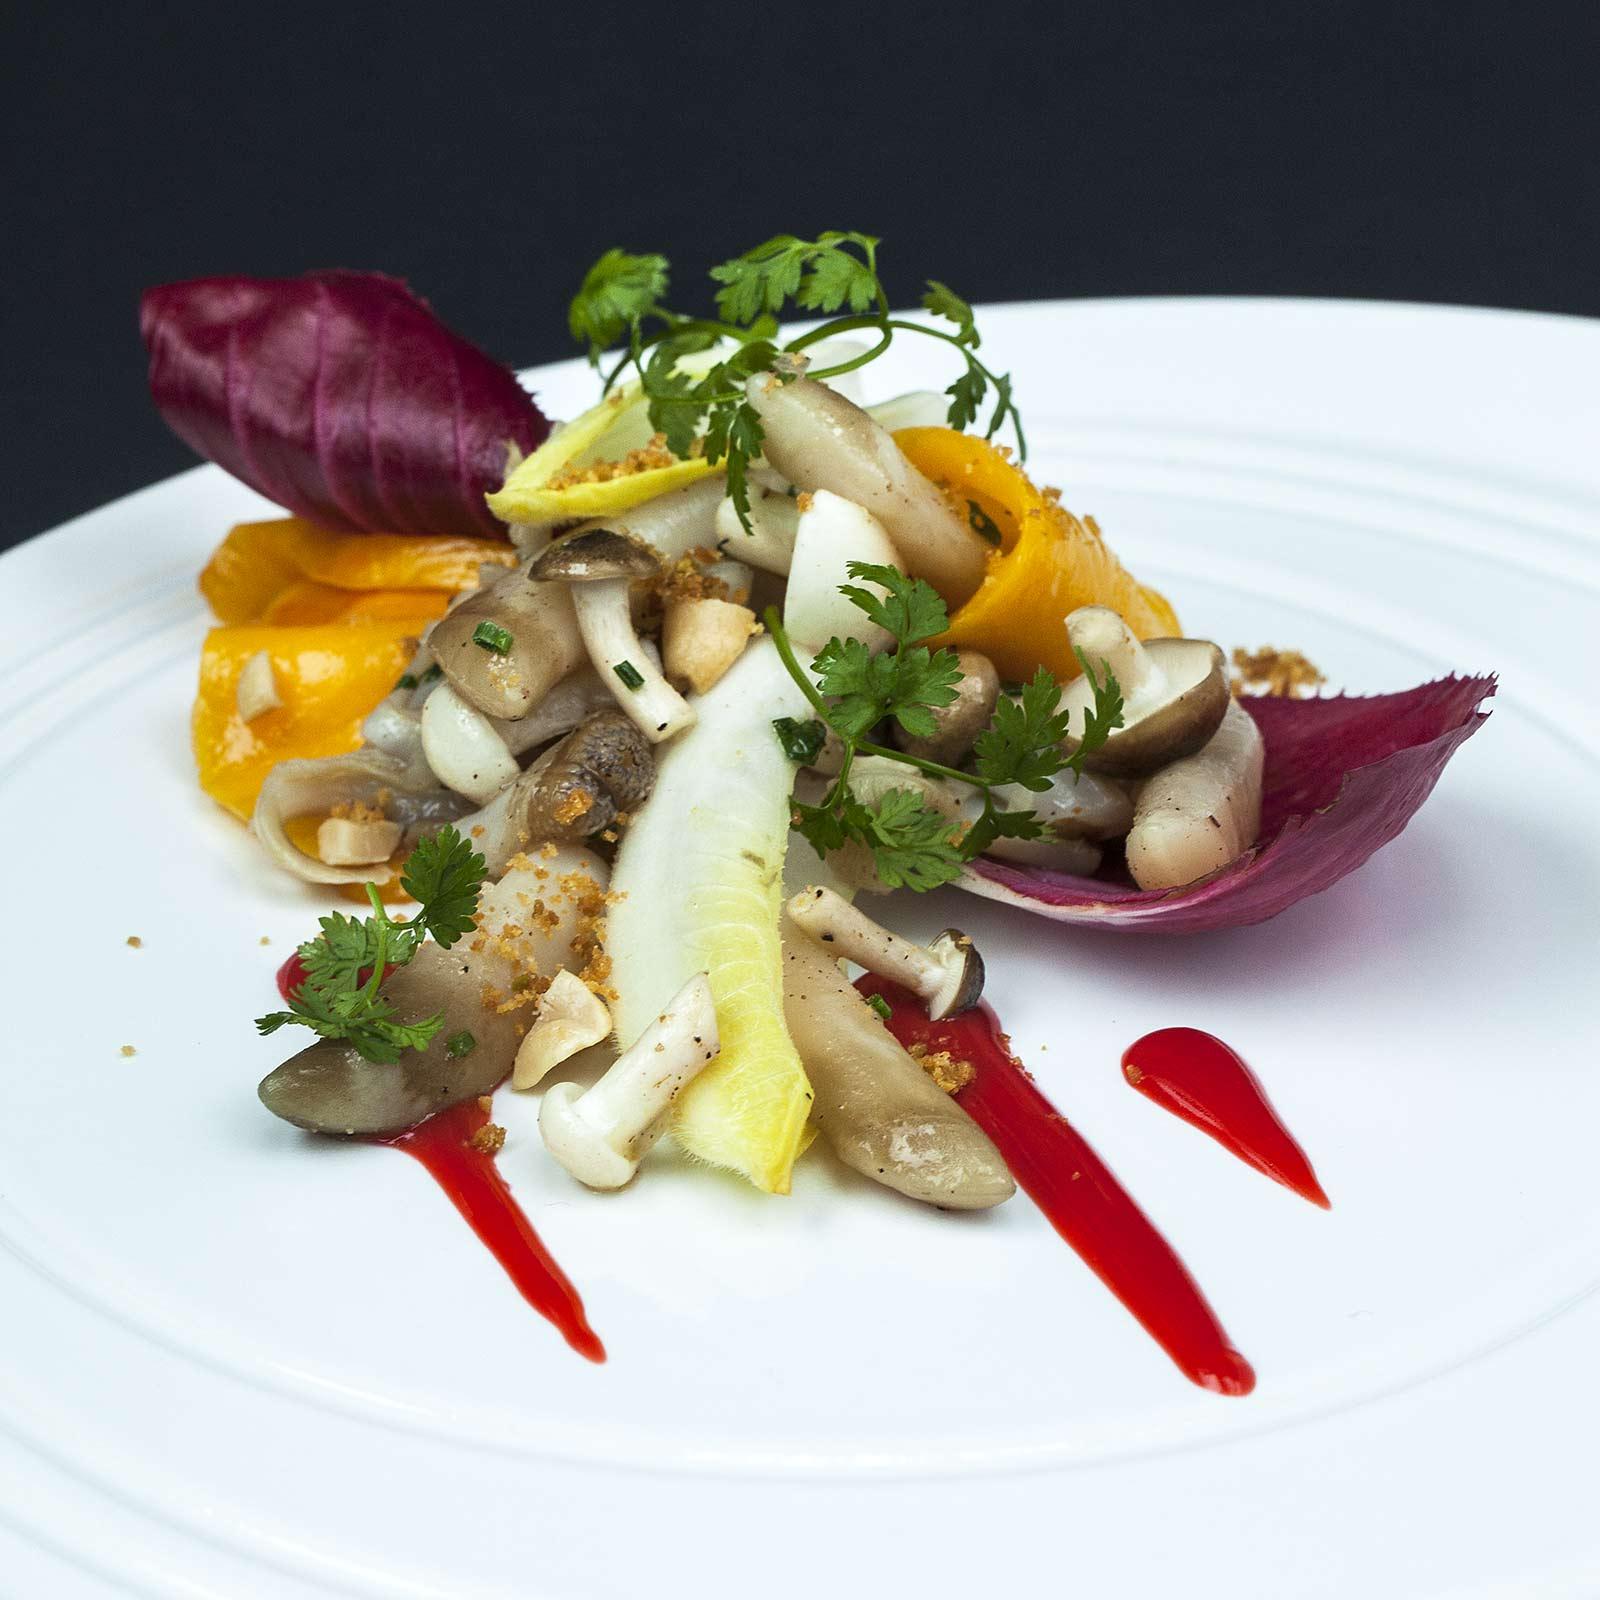 salade de couteaux, mangue, betterave, endives et purée d'églantine, recette du chef étoilée de la Mare aux Oiseaux et du Jardin des Plumes, Eric Guerin.